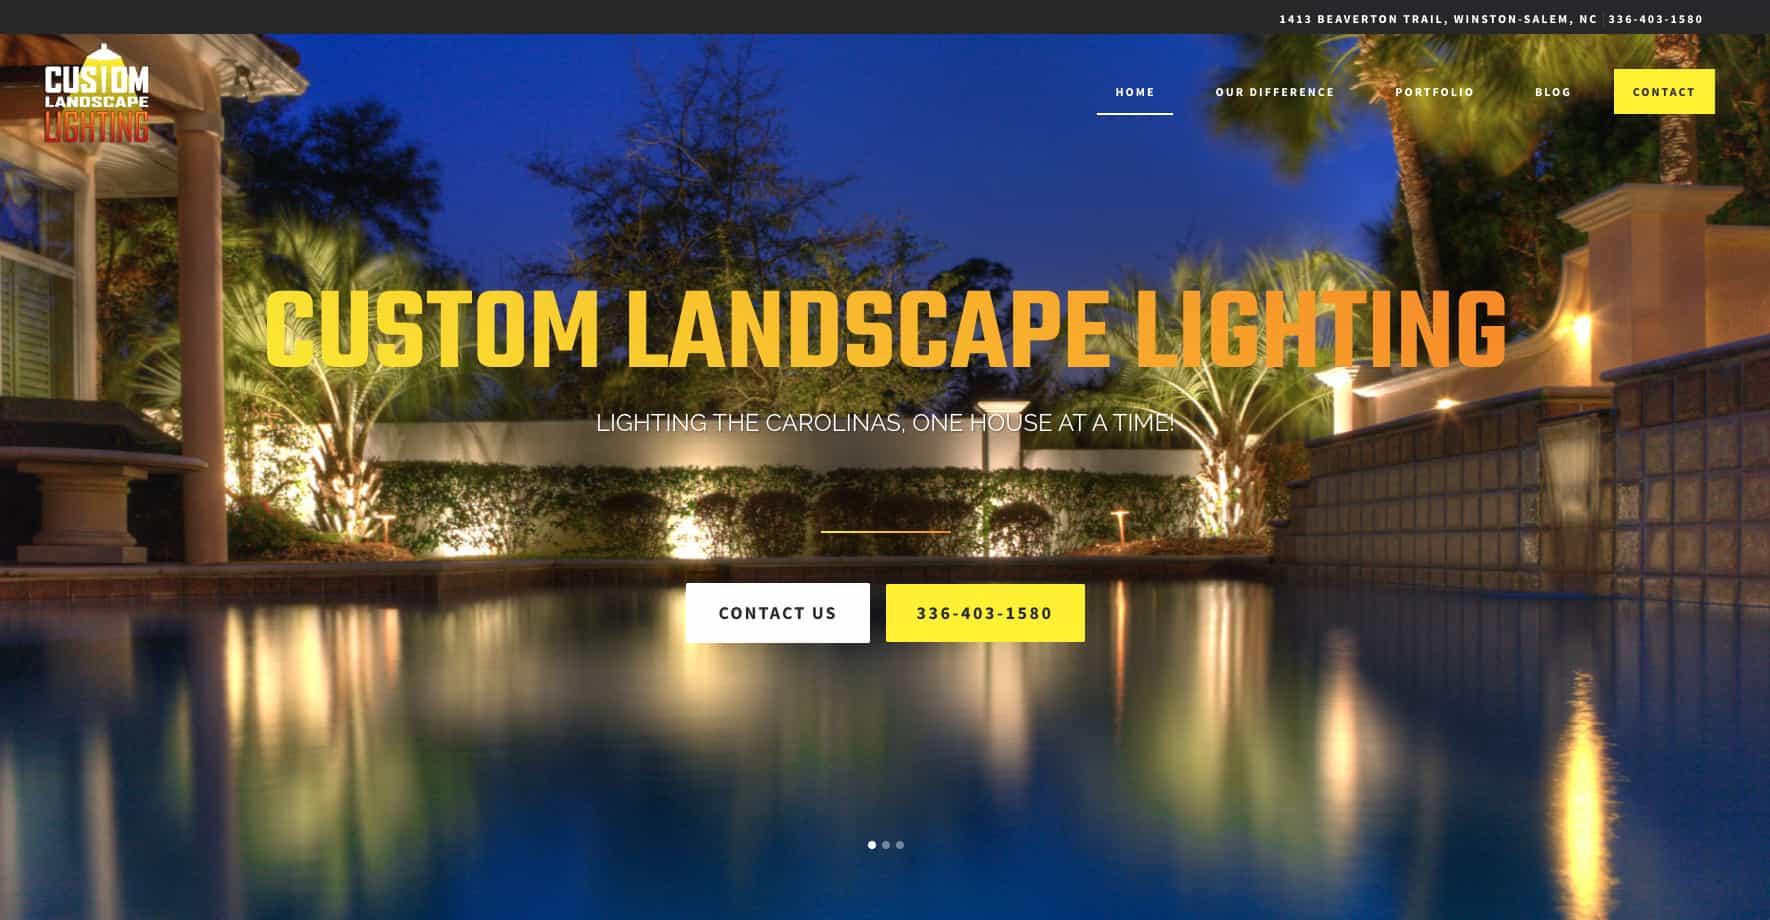 Landscape Lighting Service Website